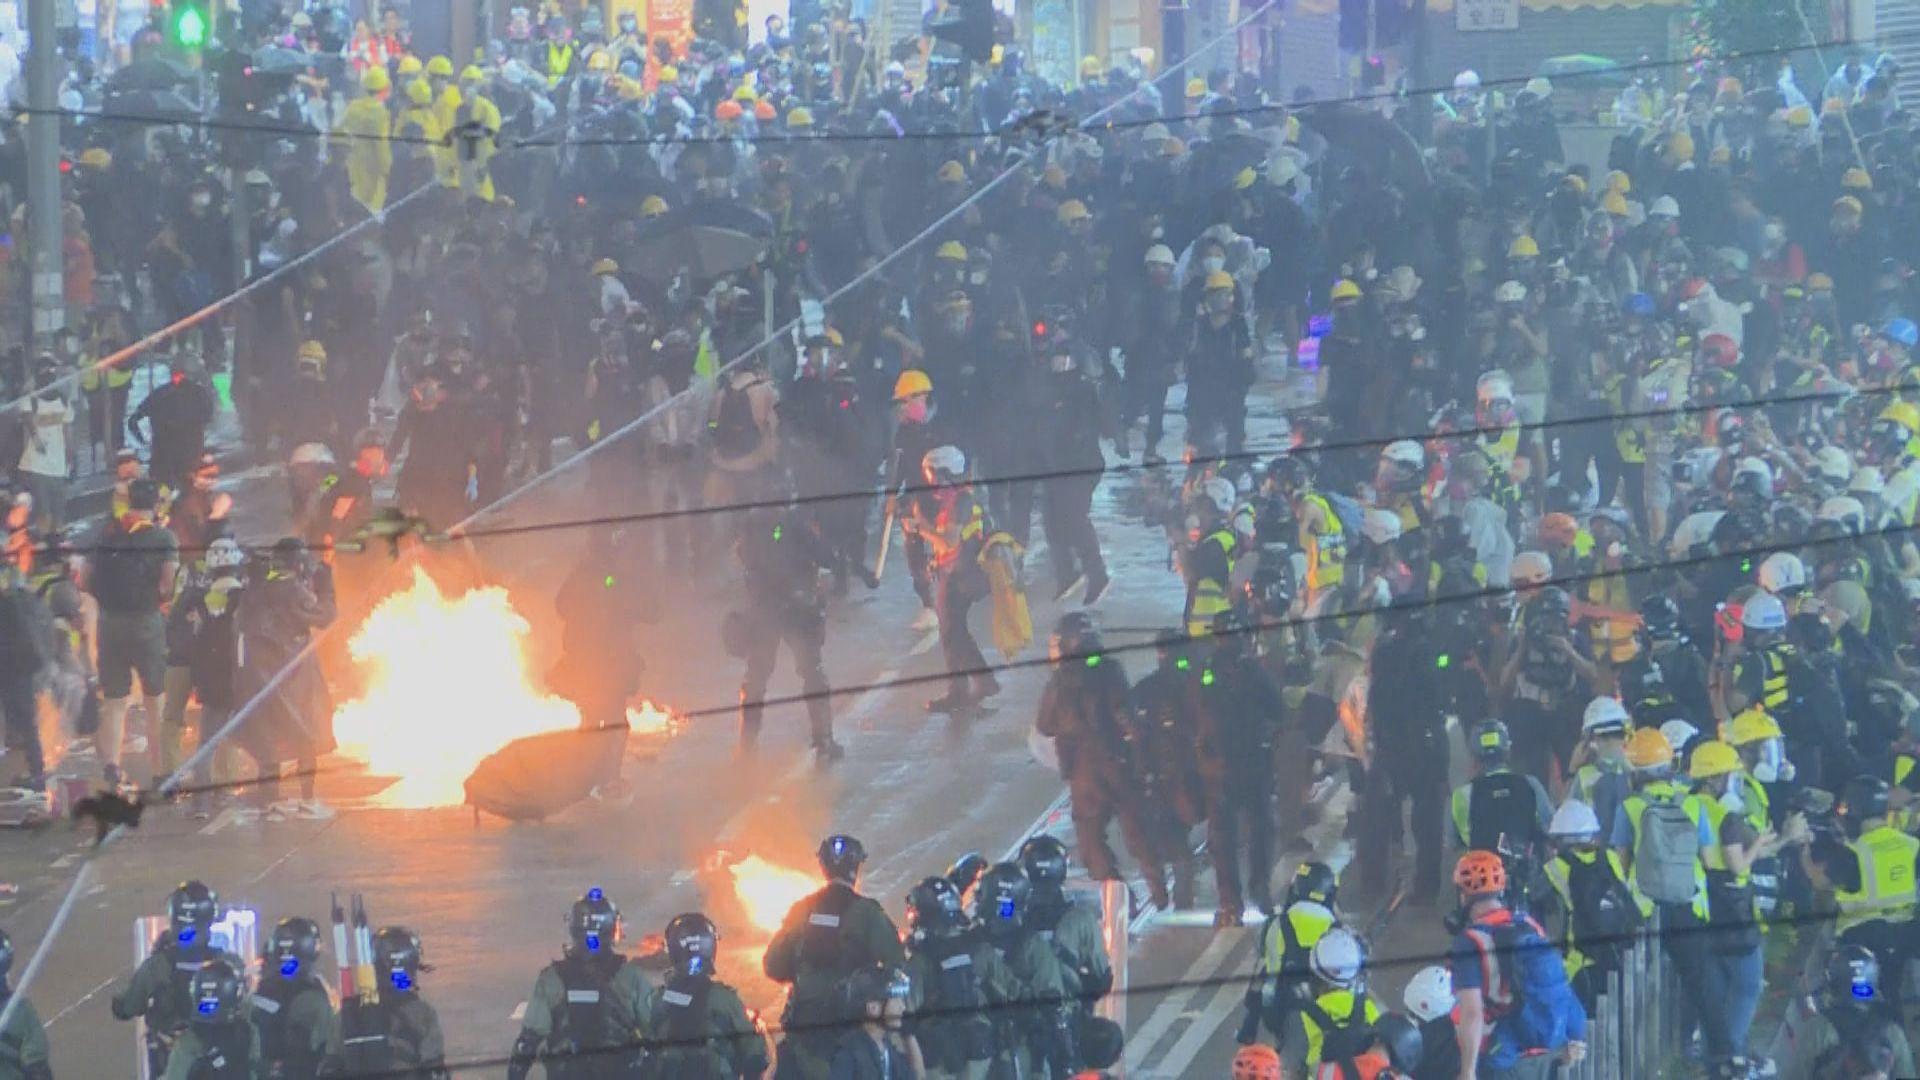 示威者與防暴警崇光外對峙